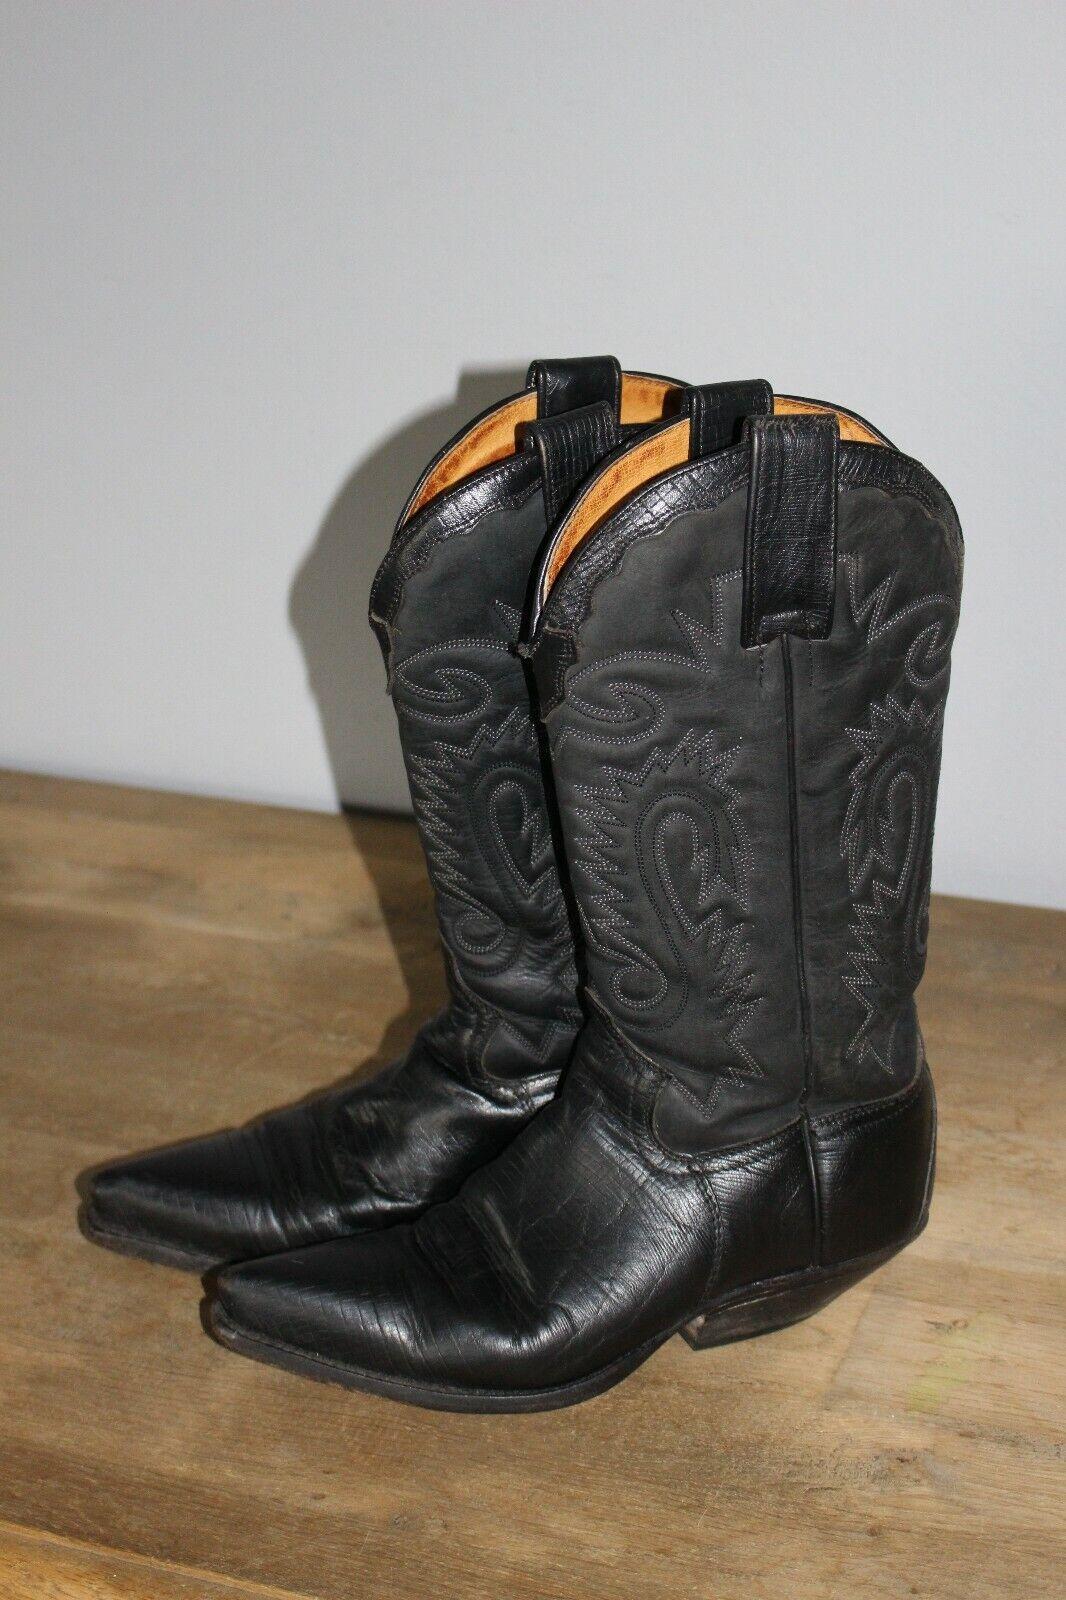 Stiefel 2,5 SENDRA cm 30 Schaft cm Absatz schwarz Leder 38